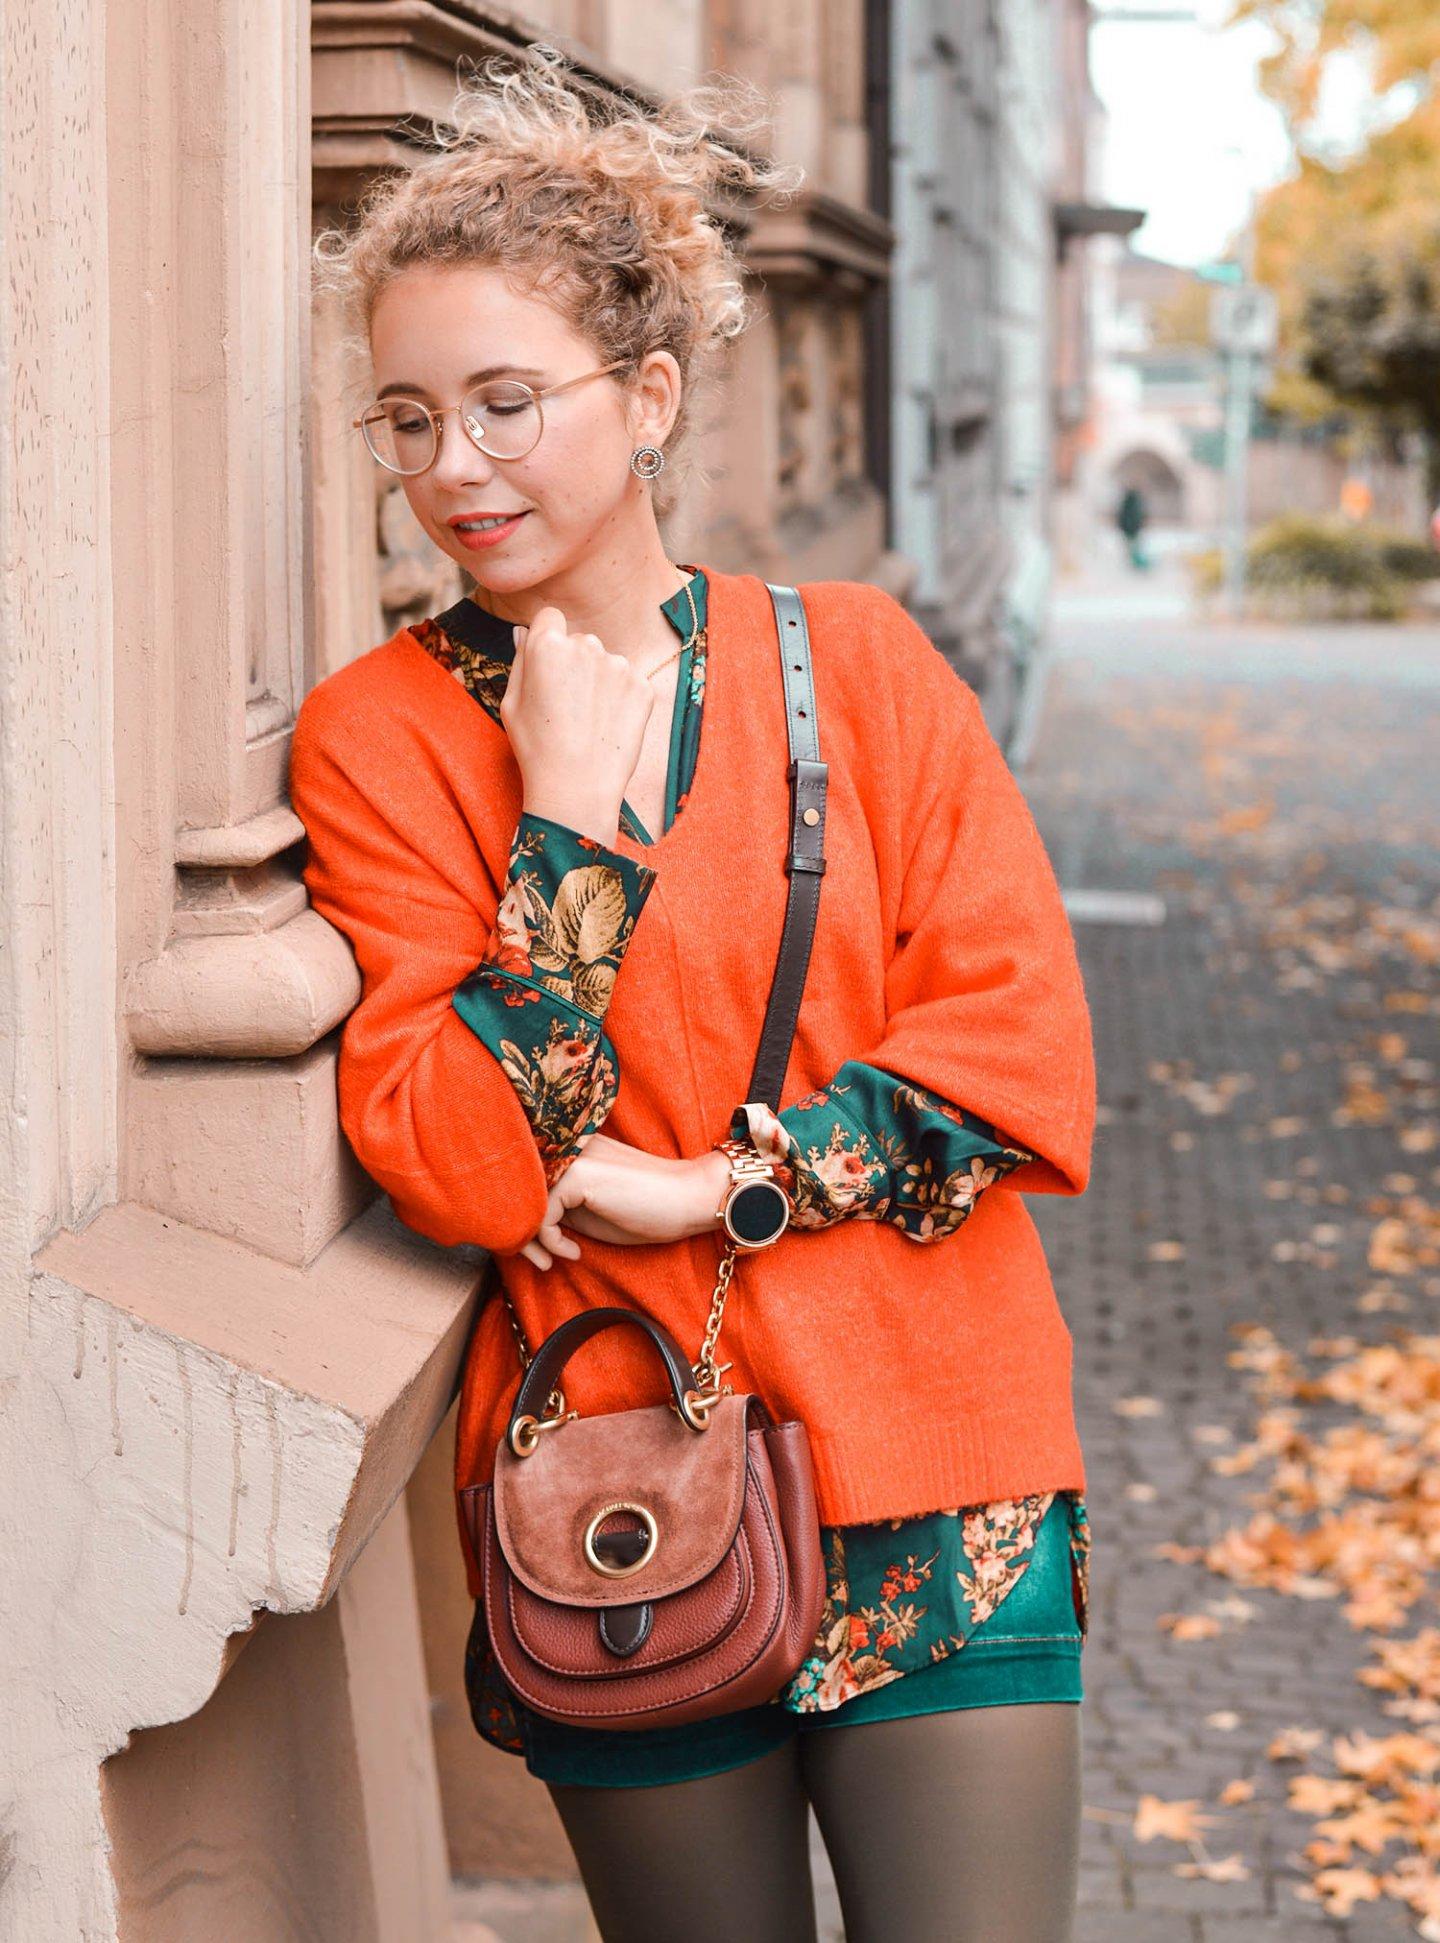 Bluse mit floralem Muster und Strickpullover